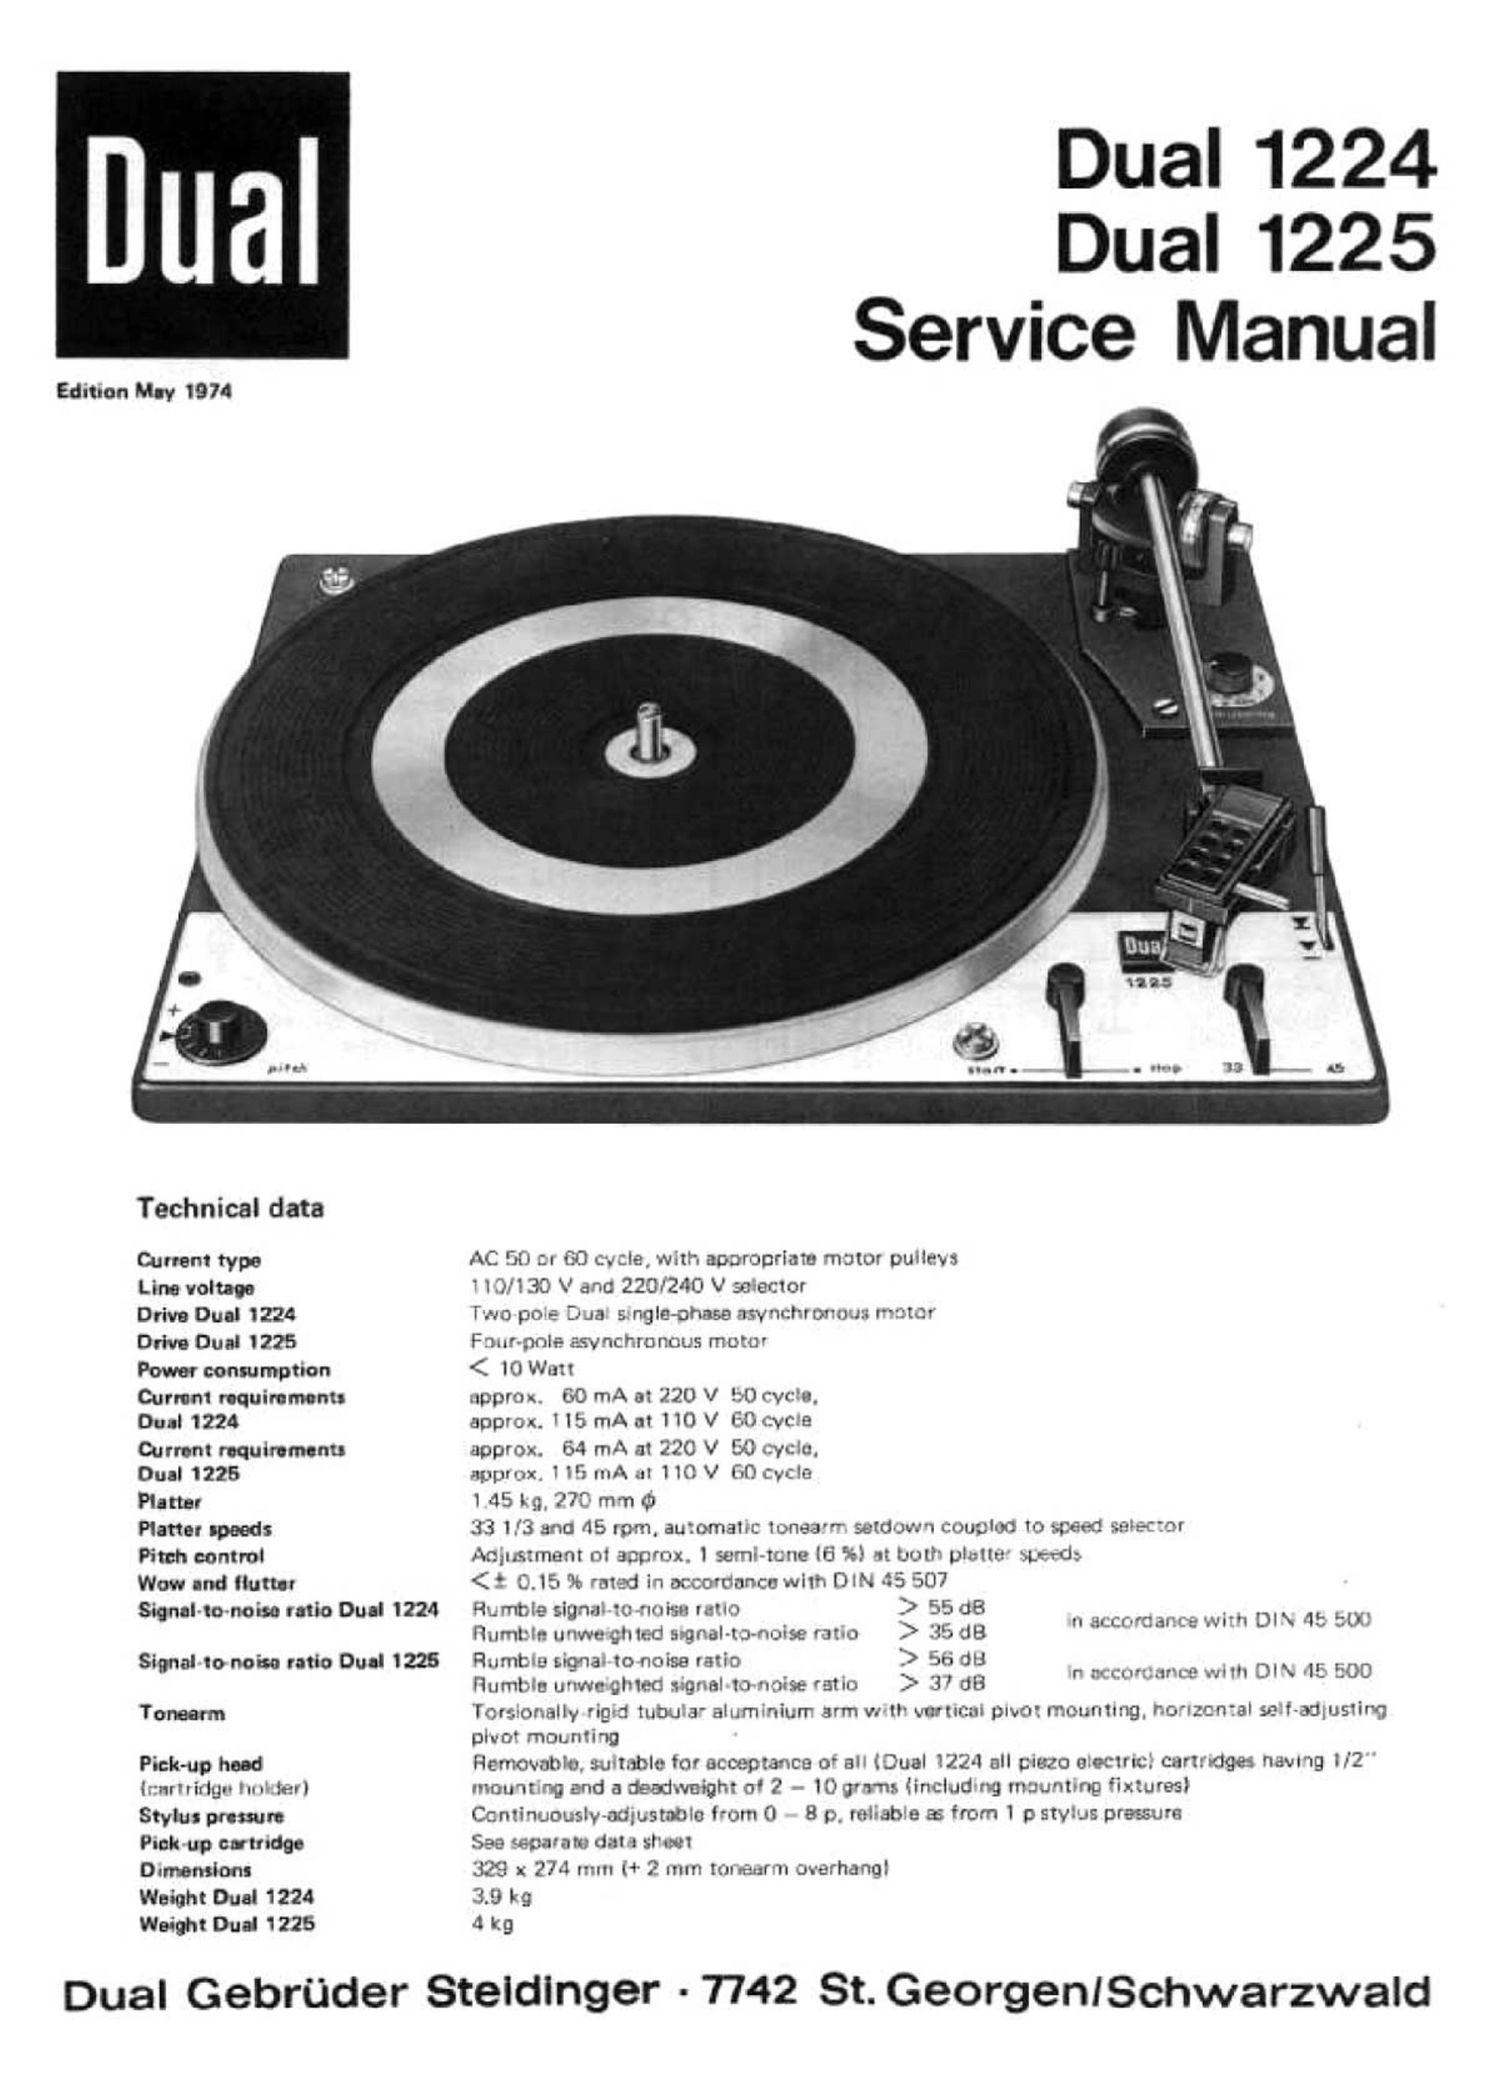 dual 1225 service manual rh audioservicemanuals com LG Optimus M Manual Delta VFD M Manual